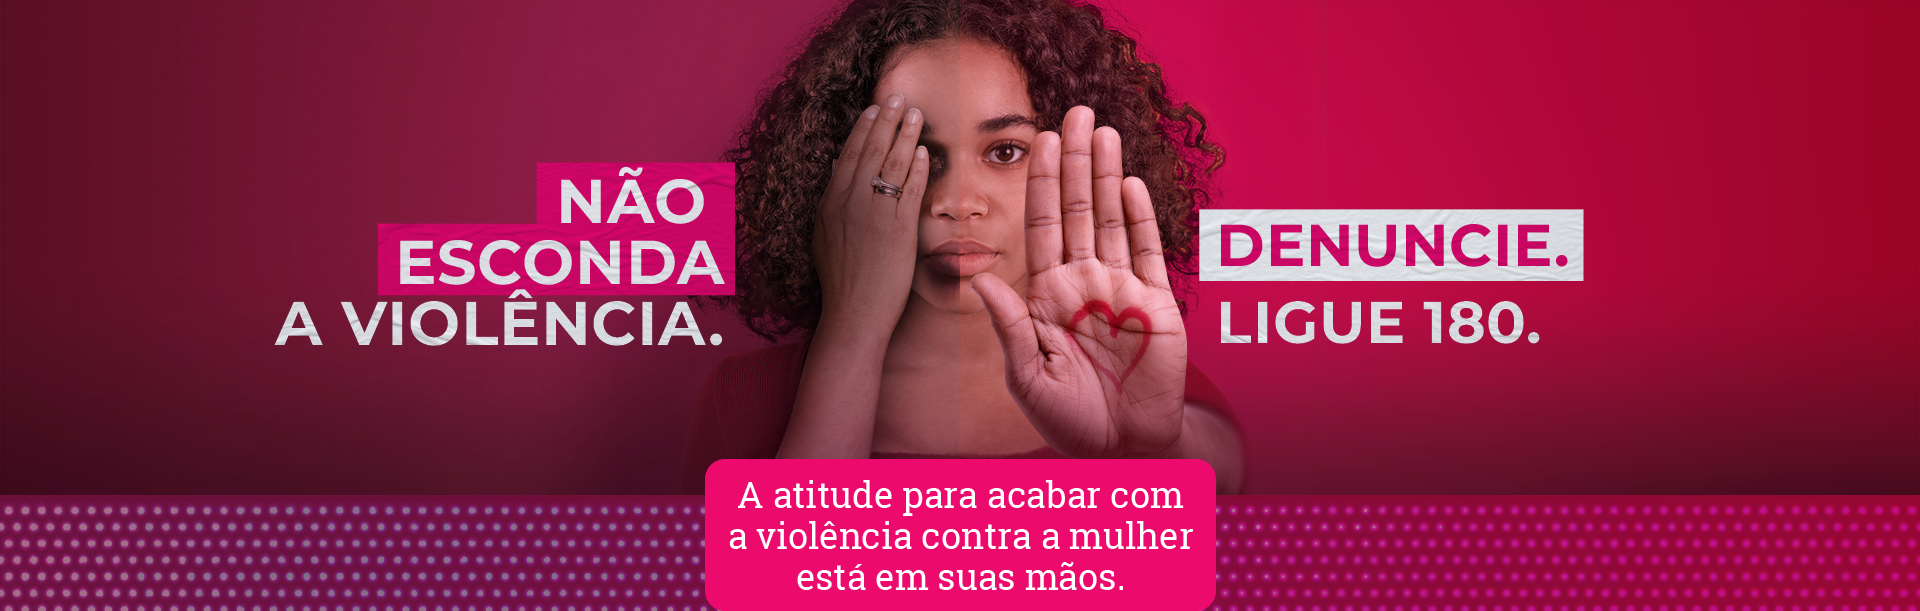 Não esconda a violência, denuncie 180